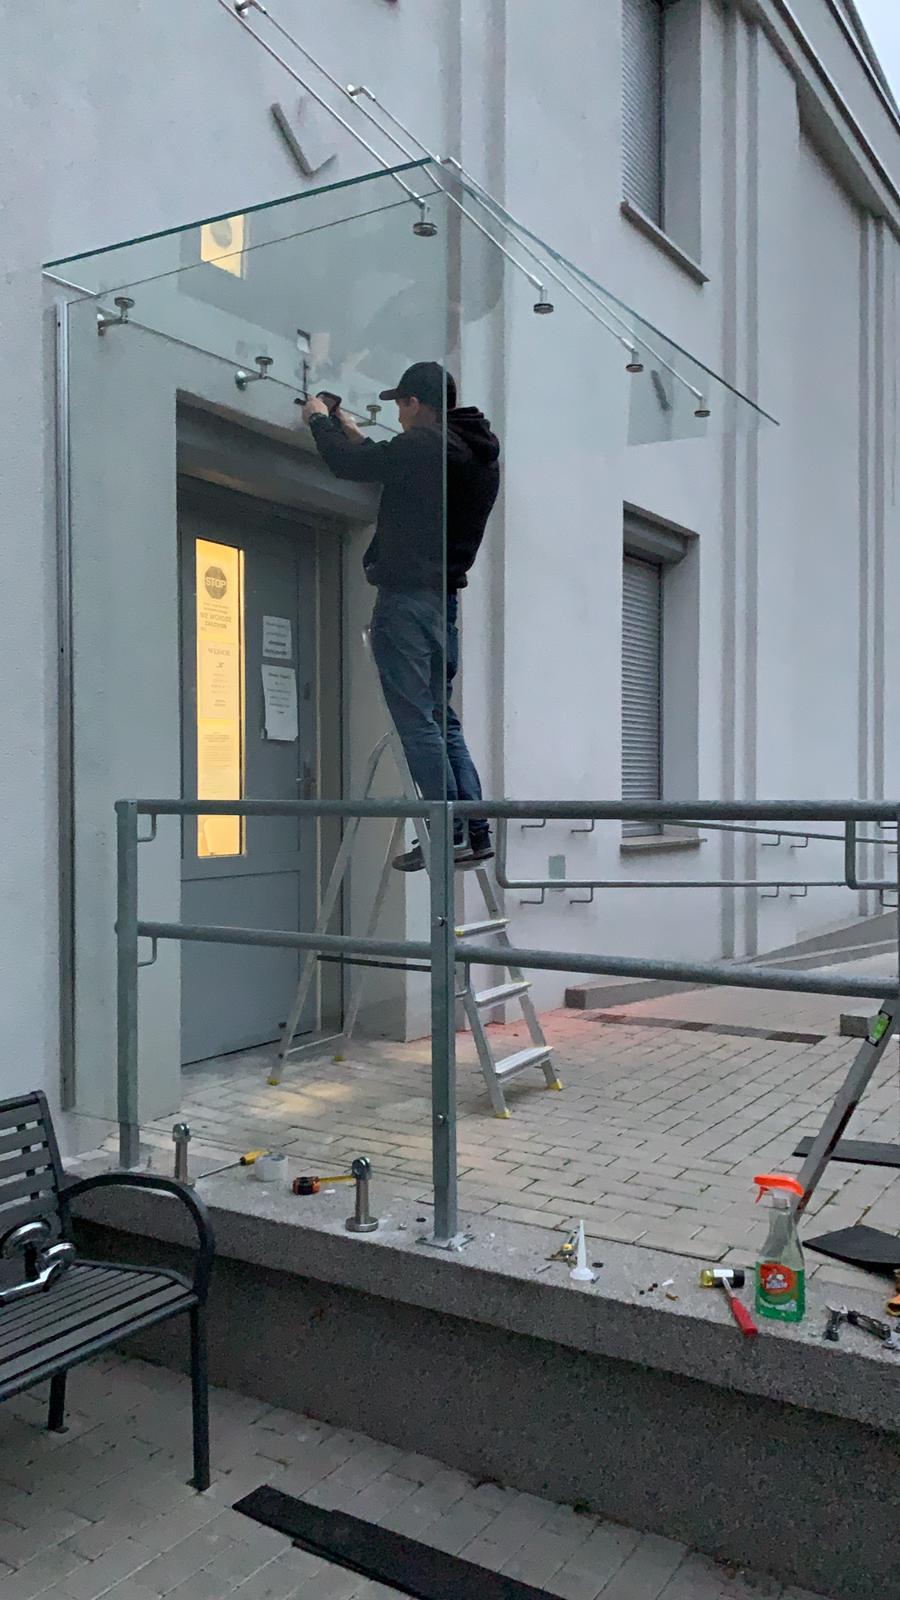 Daszek szklany oraz osłona szklana wejścia do budynku